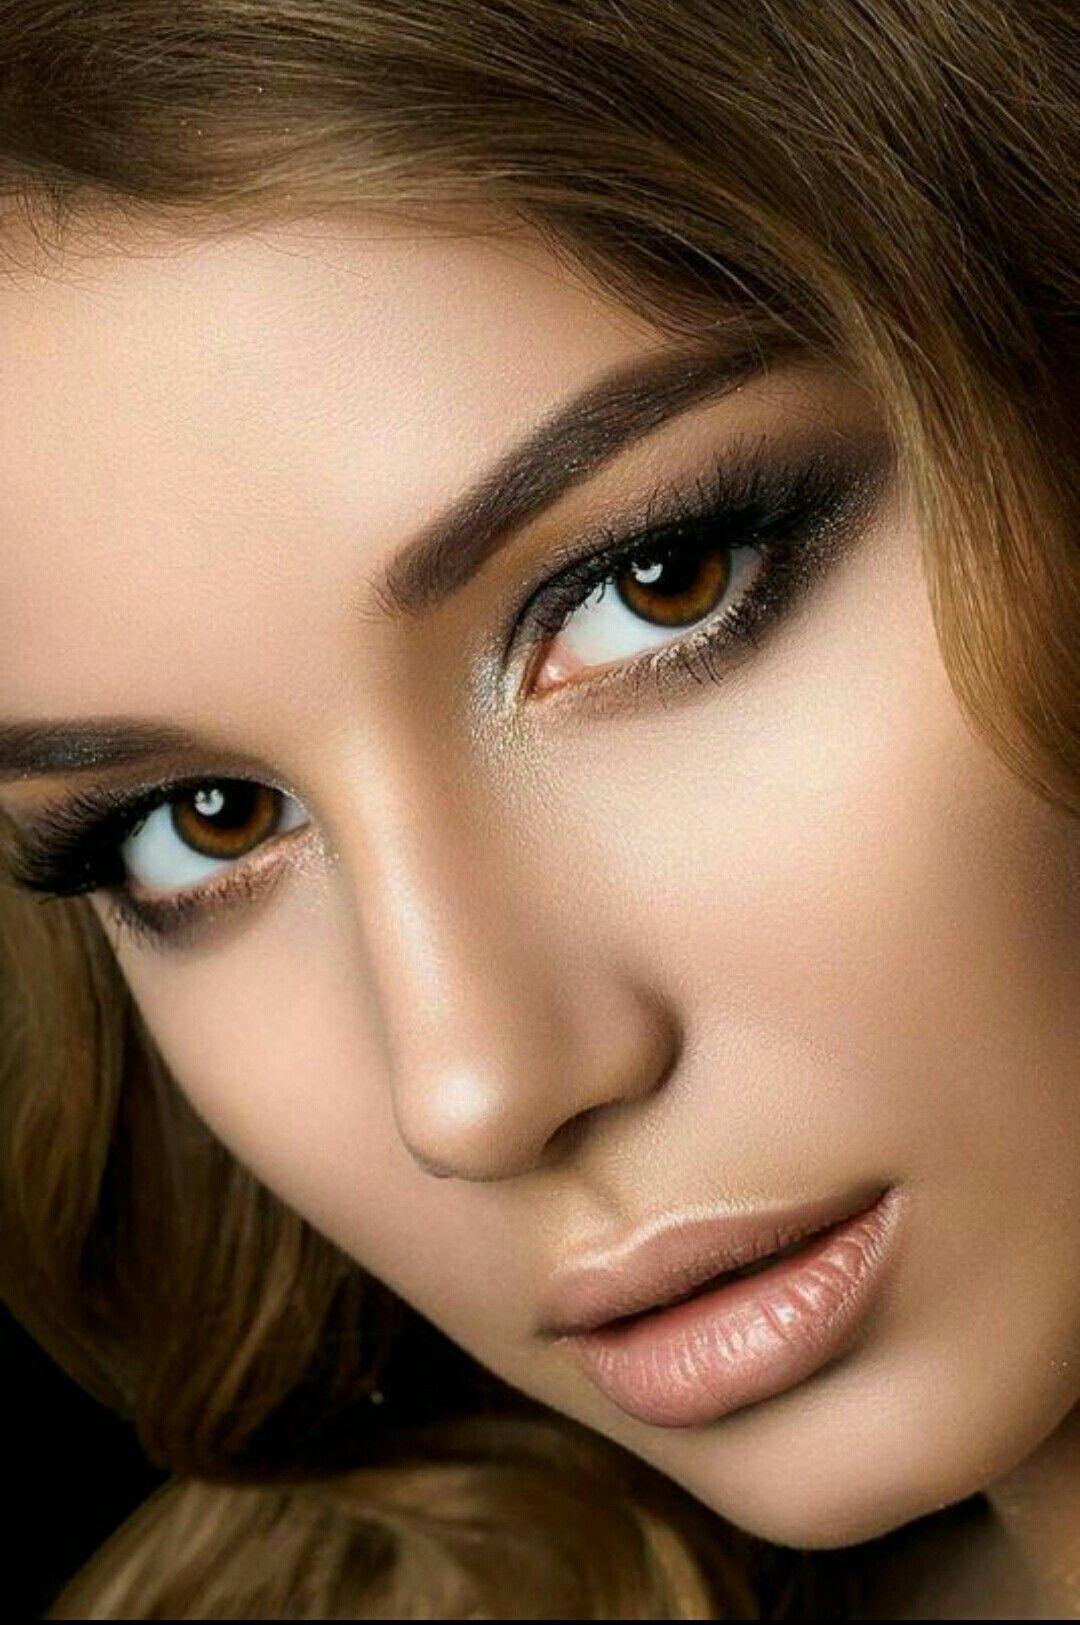 Wanita dengan Wajah Super Cantik - Republic Renger Cantik